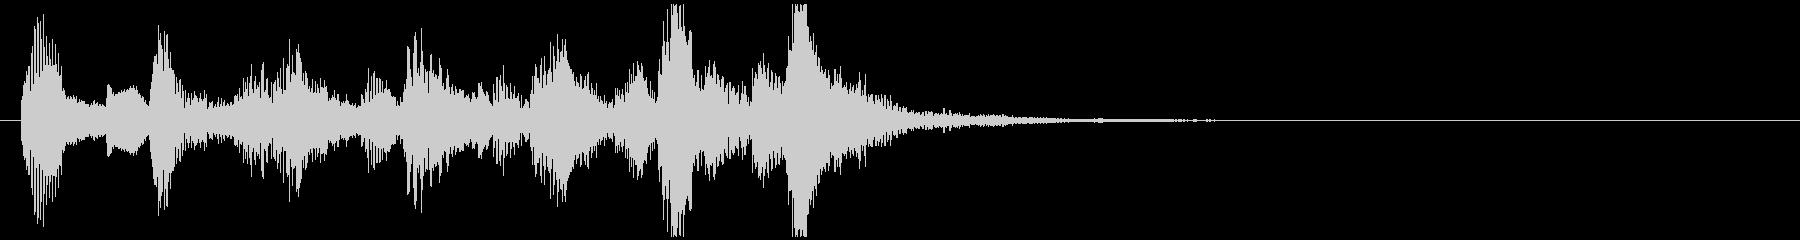 のほほんジングル038_コミカル-3の未再生の波形